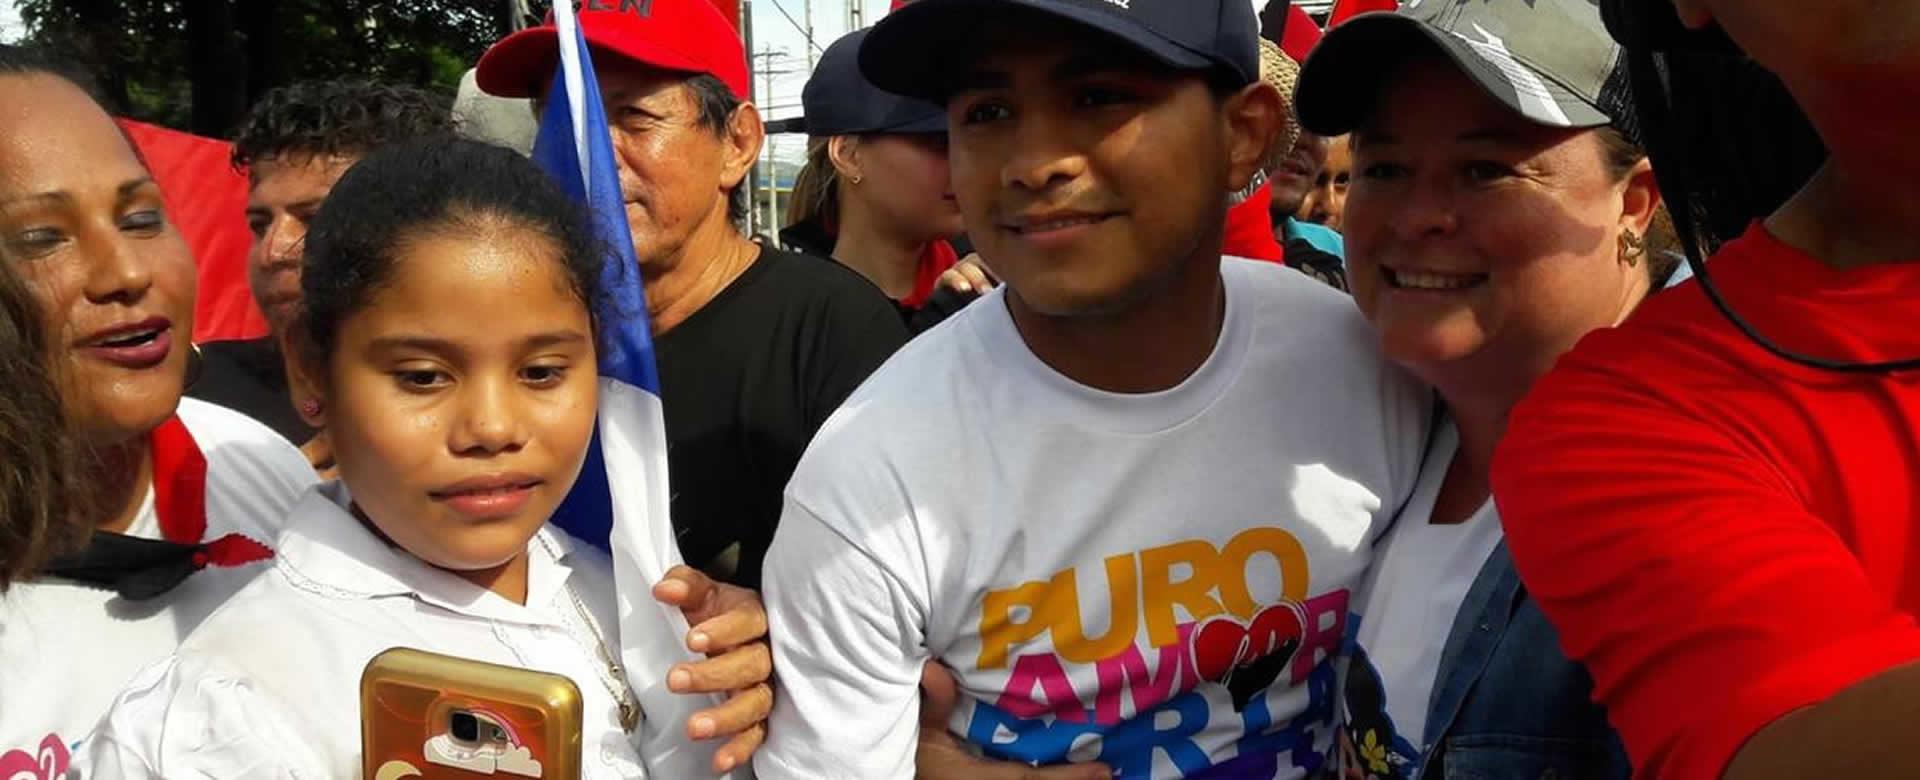 """Román el """"Chocolatito González"""" se une a la caminata para pedir por la Paz"""